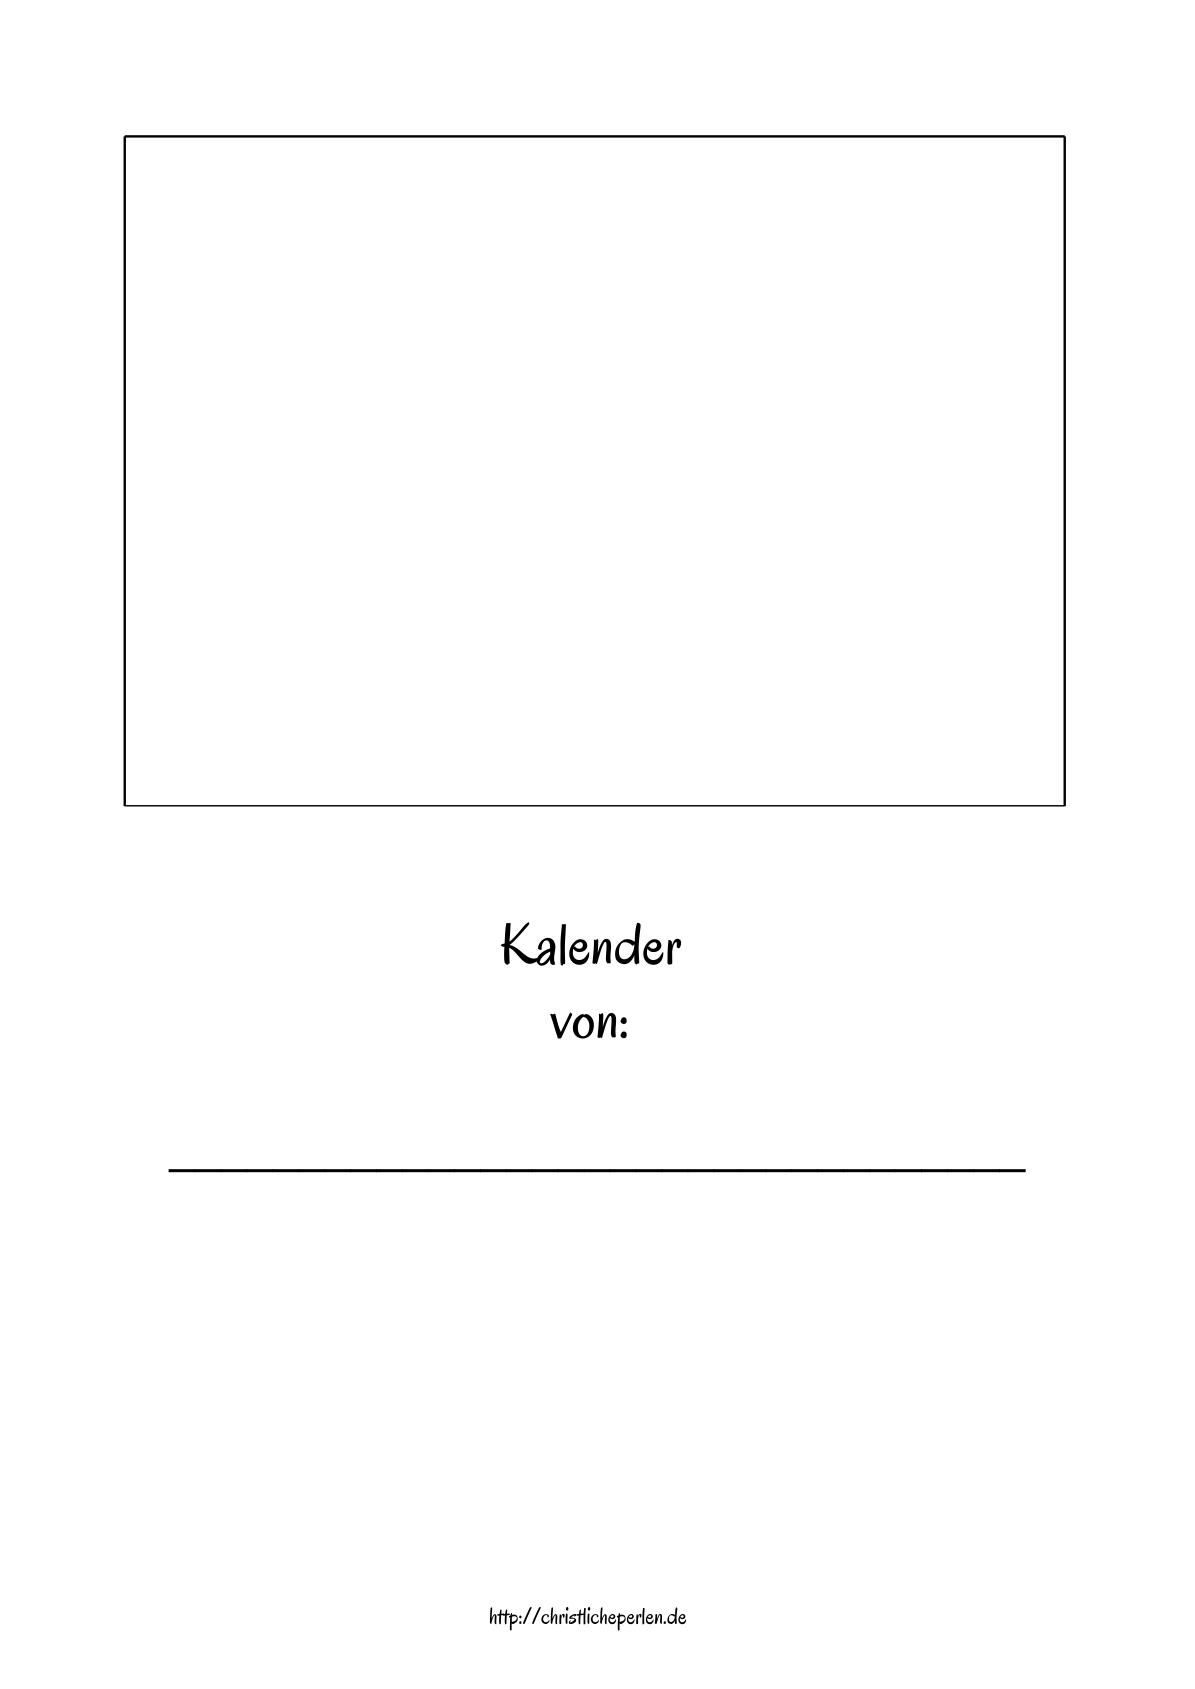 Neuer Kalender zum Ausdrucken und Selbstgestalten | Christliche Perlen